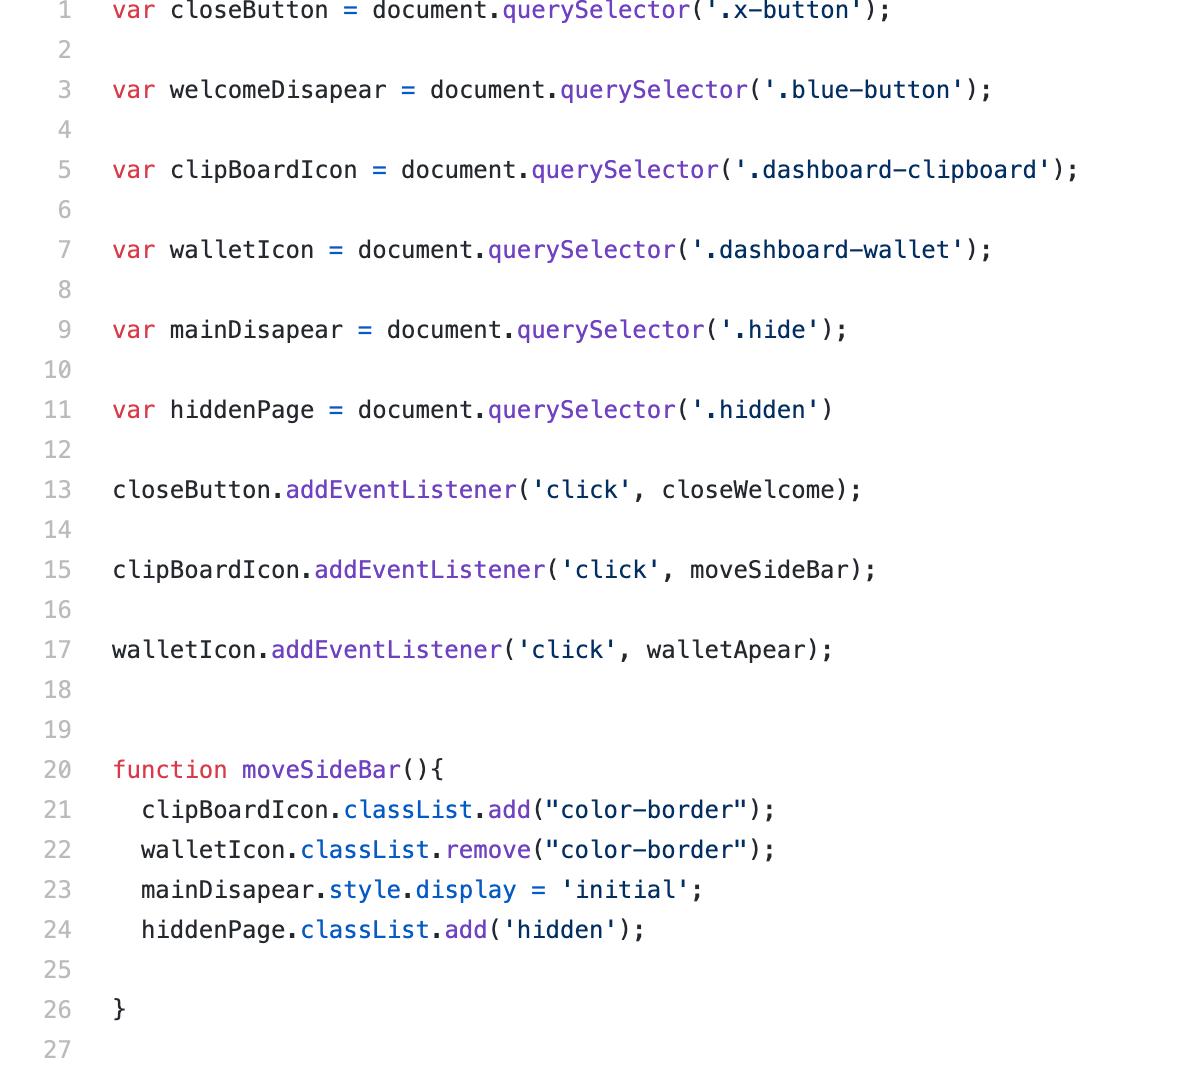 Screenshot of Javascript code.